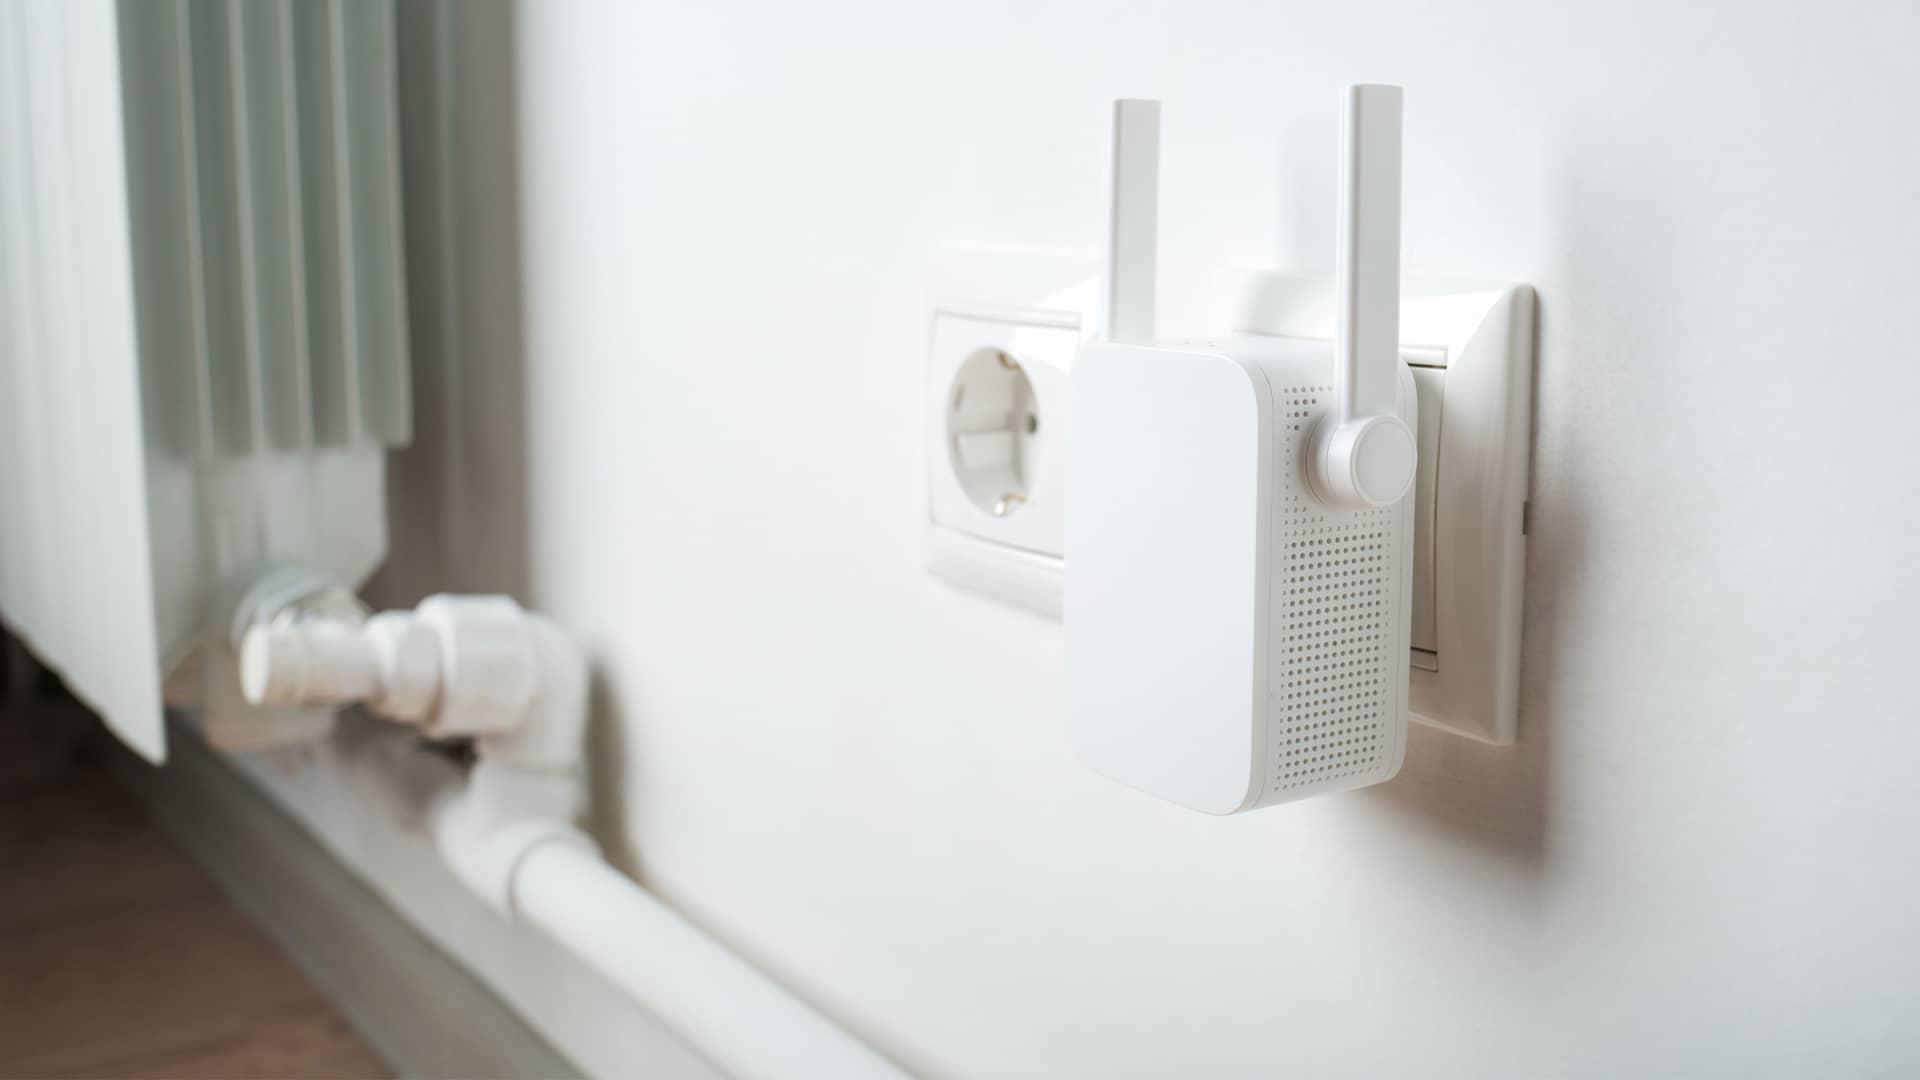 El amplificador WiFi te ayudará a no quedarte desconectado